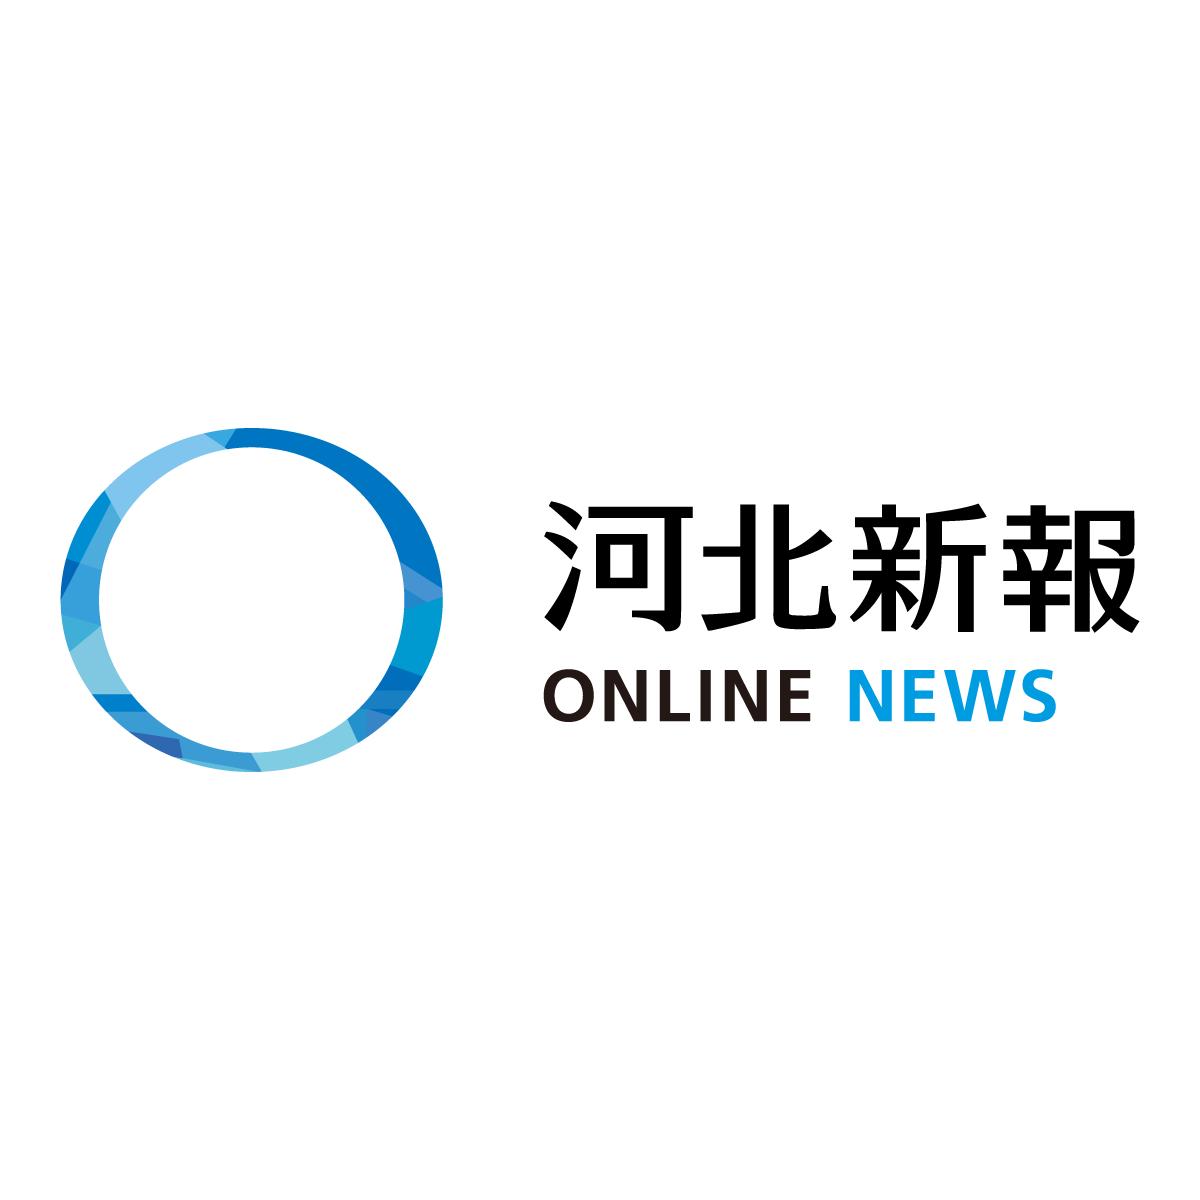 石巻市新年度予算案一般会計749億円 復興期間終了、通常規模に | 河北新報オンラインニュース / ONLINE NEWS